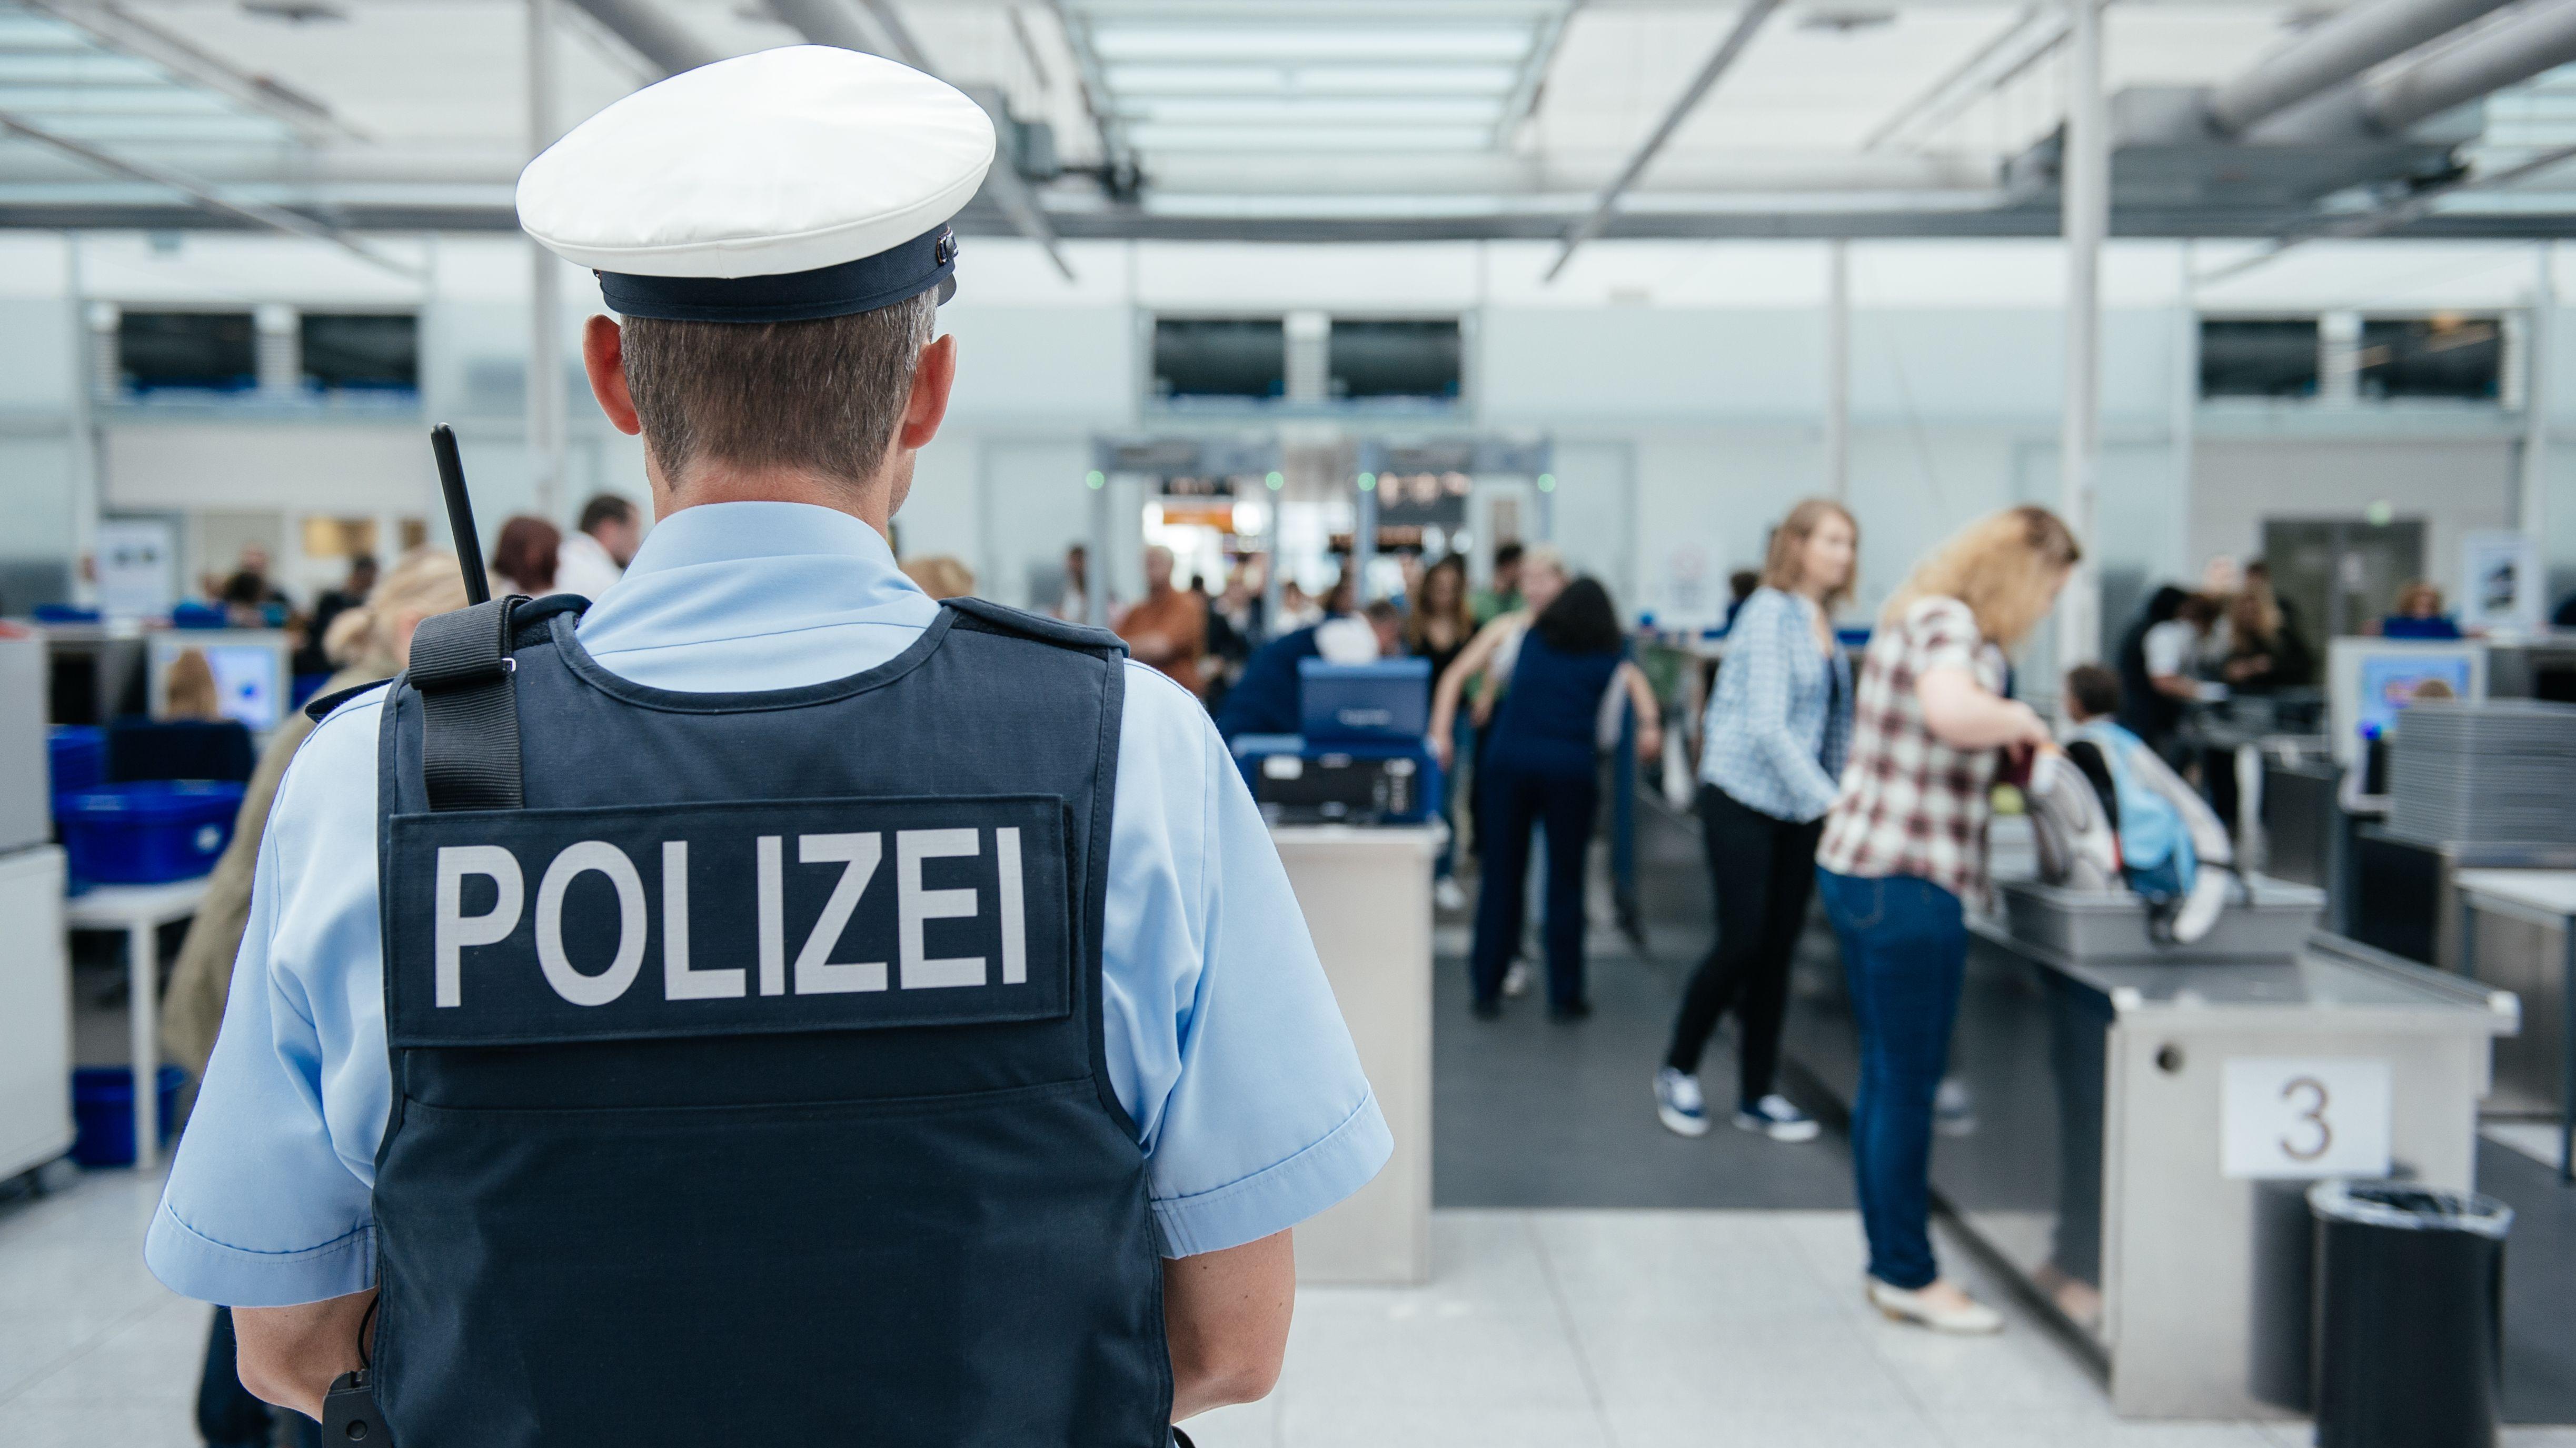 Sicherheitskontrolle am Flughafen München (Archivbild)